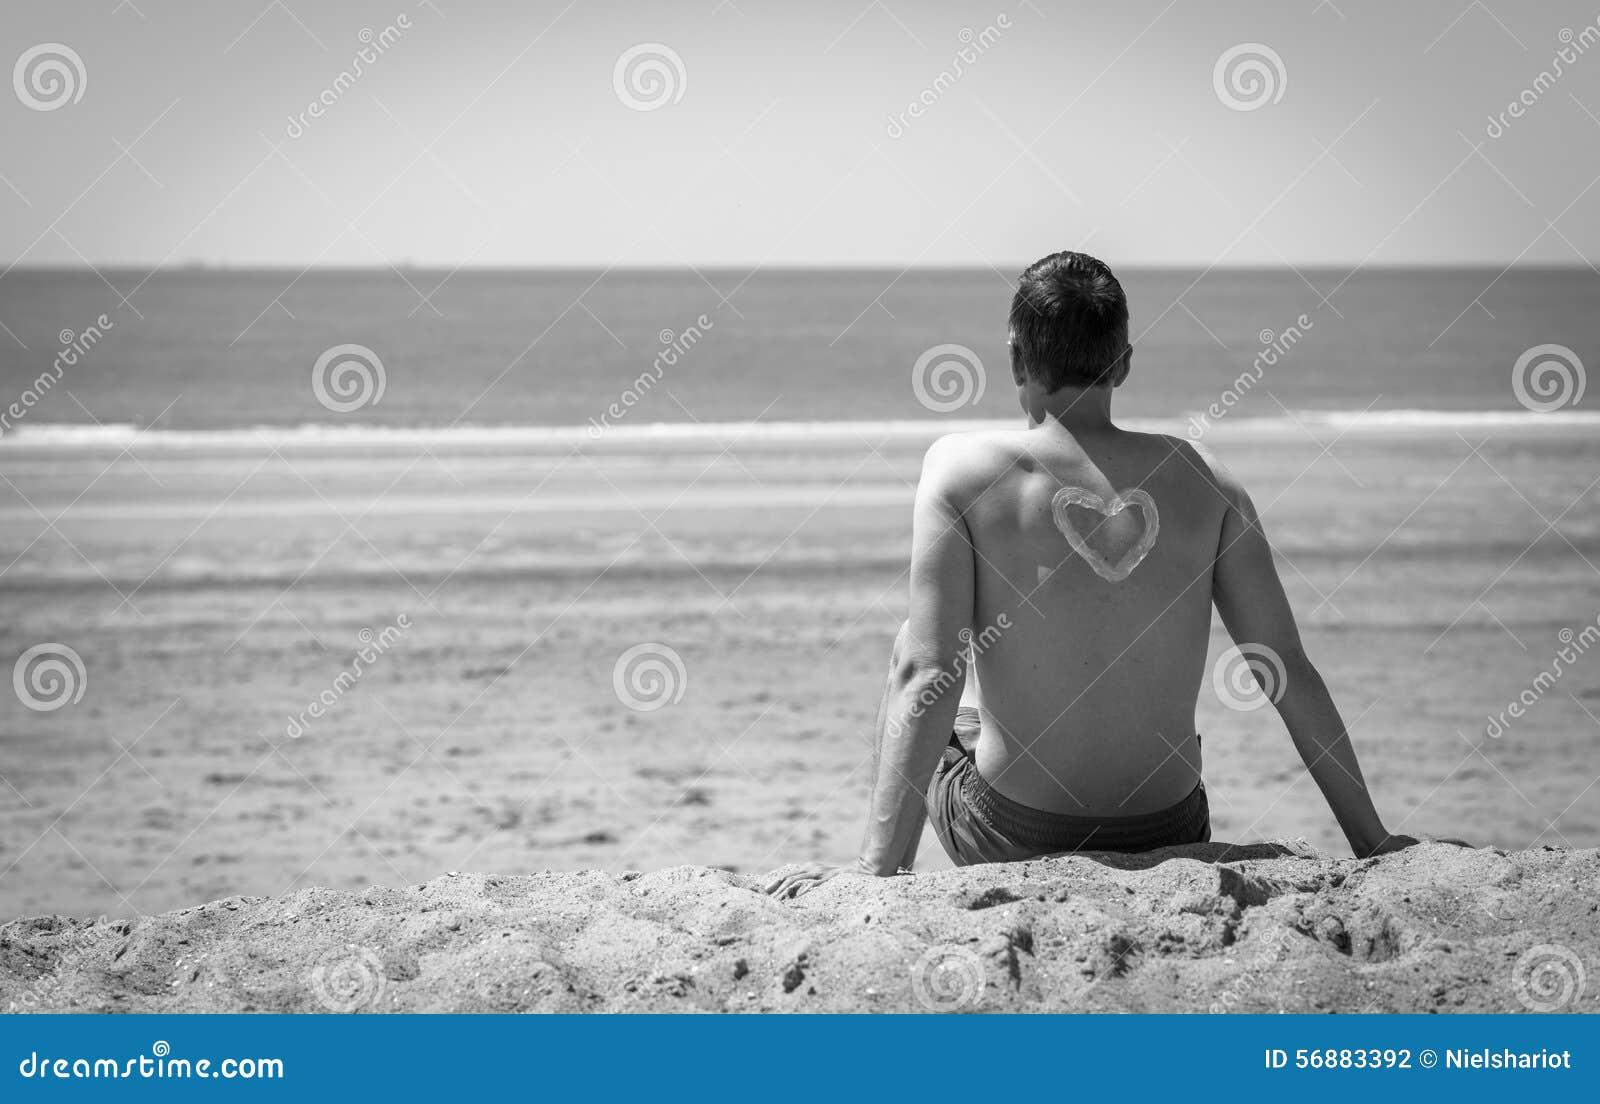 Giovane sulla spiaggia in bianco e nero